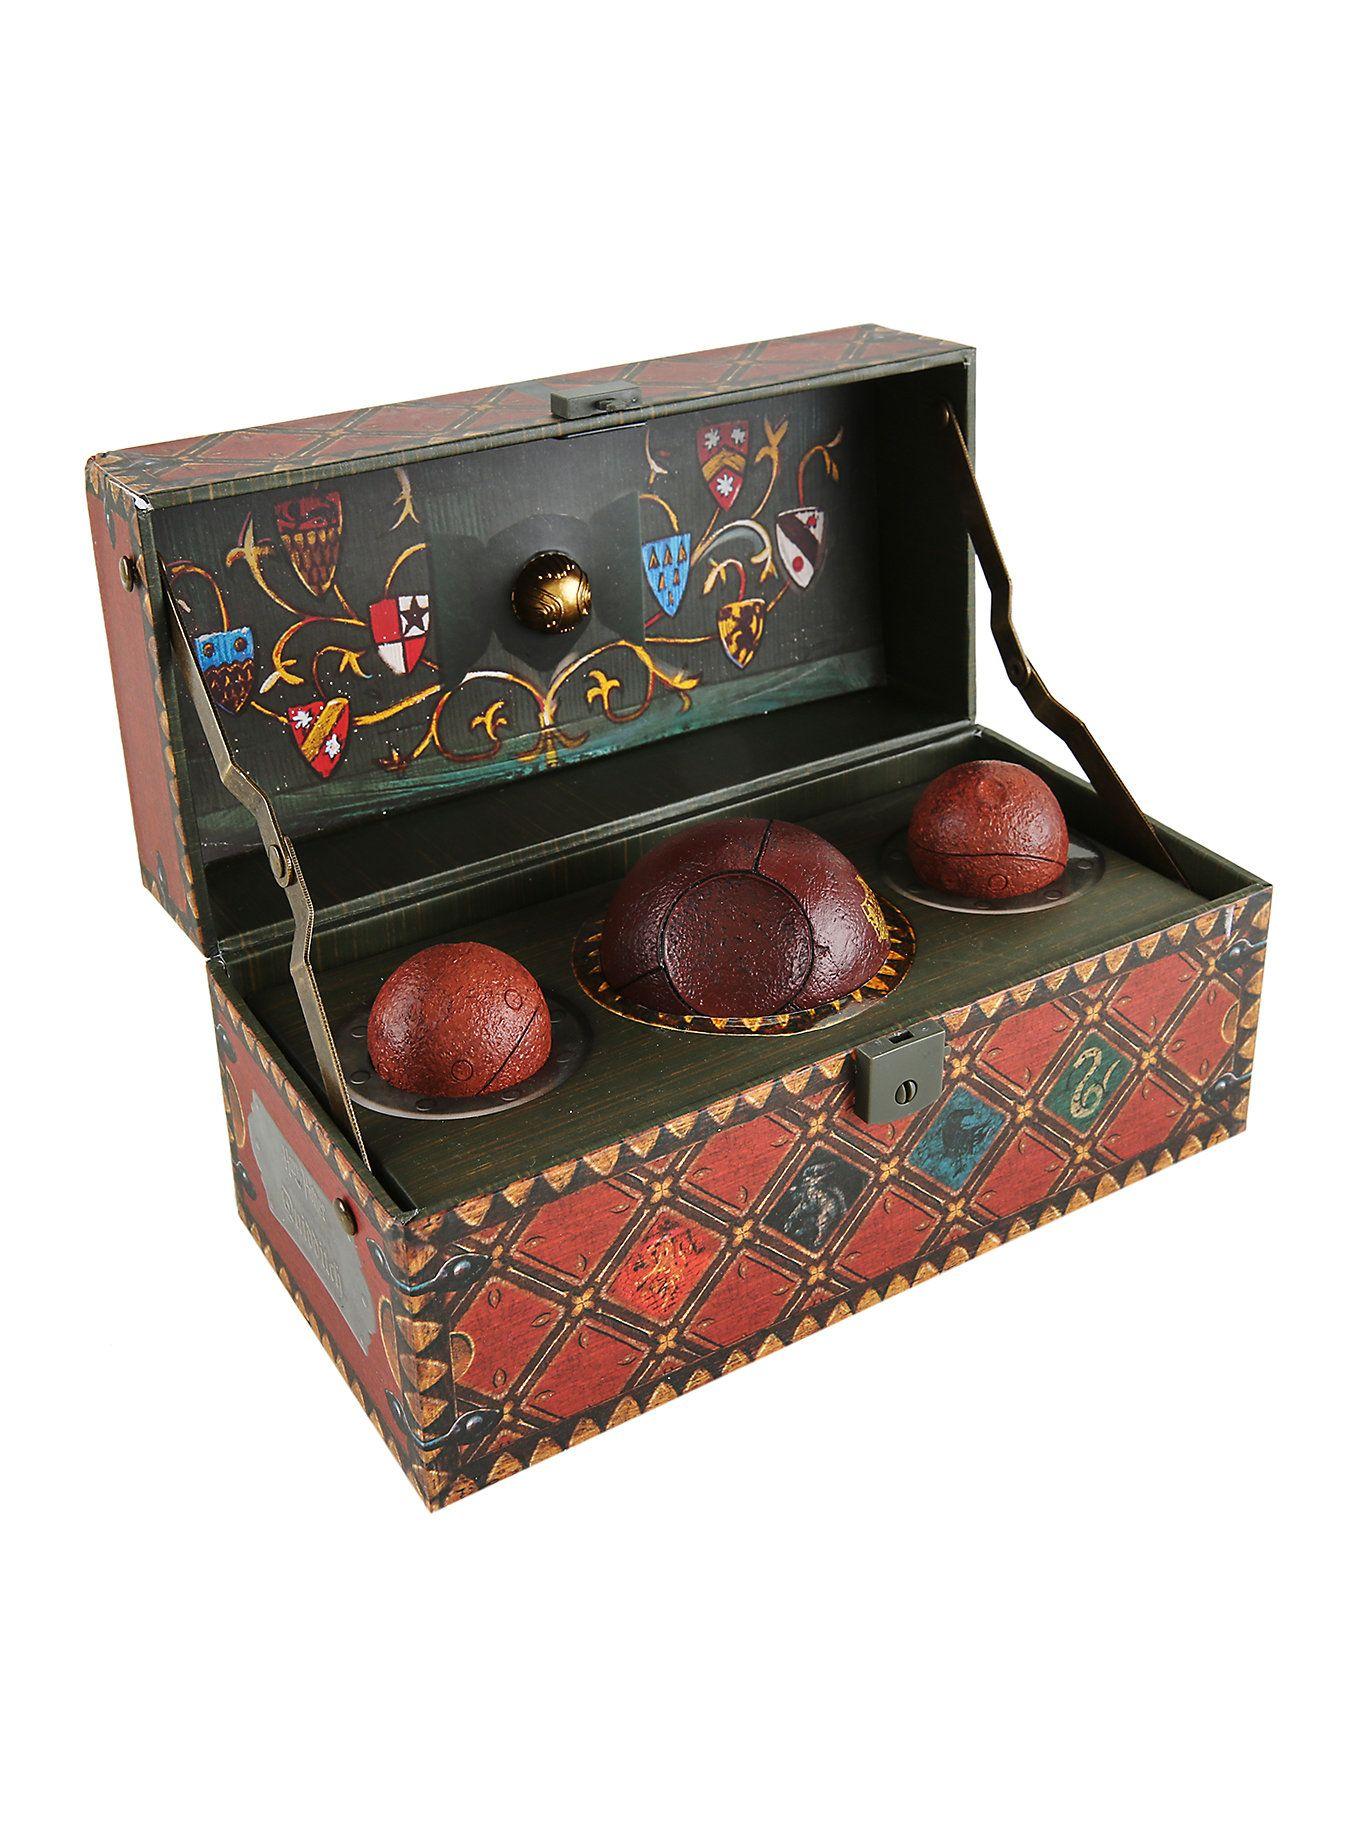 harry potter quidditch set harry potter quidditch harry. Black Bedroom Furniture Sets. Home Design Ideas